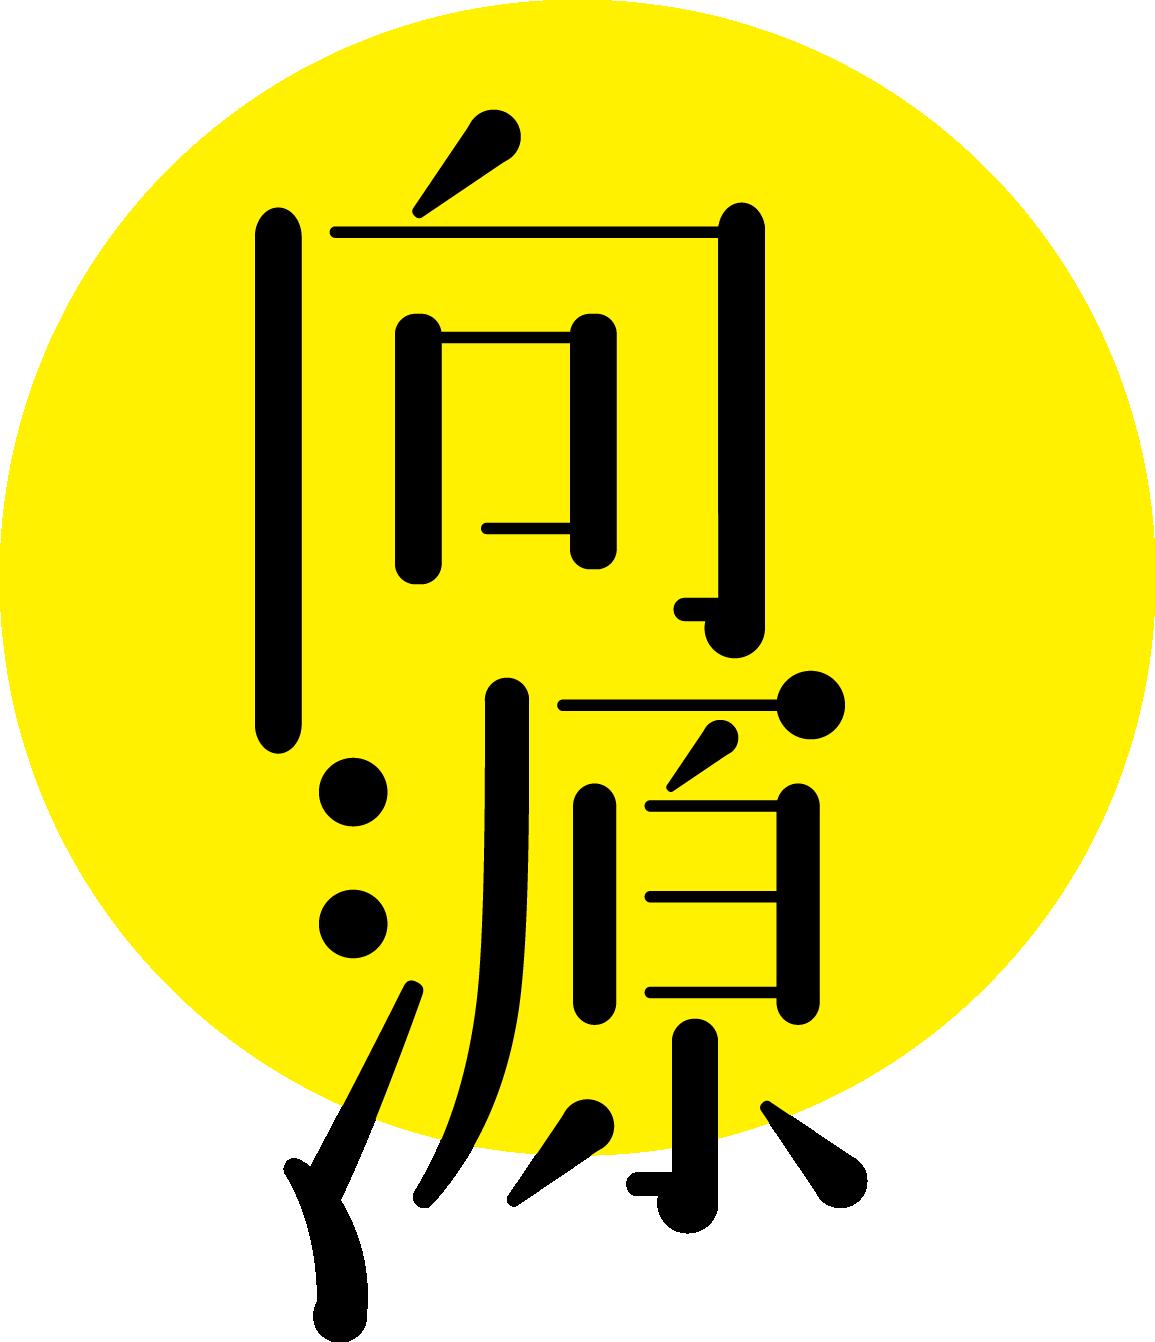 kohgen_logo_%e9%80%9a%e5%b9%b4